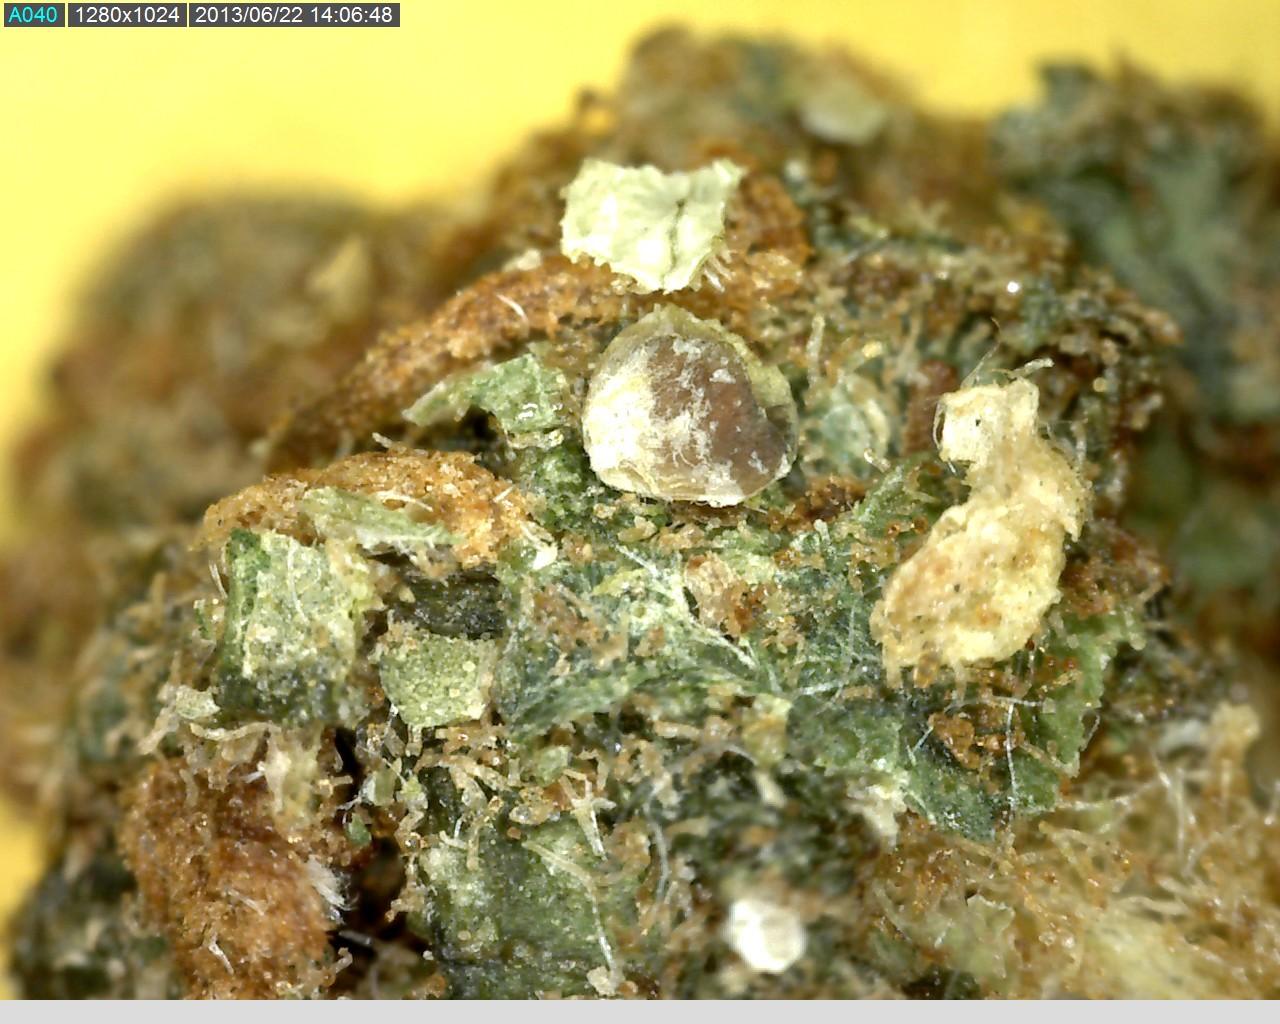 Marihuana z dosypanym piaskiem - widok pod mikroskopem